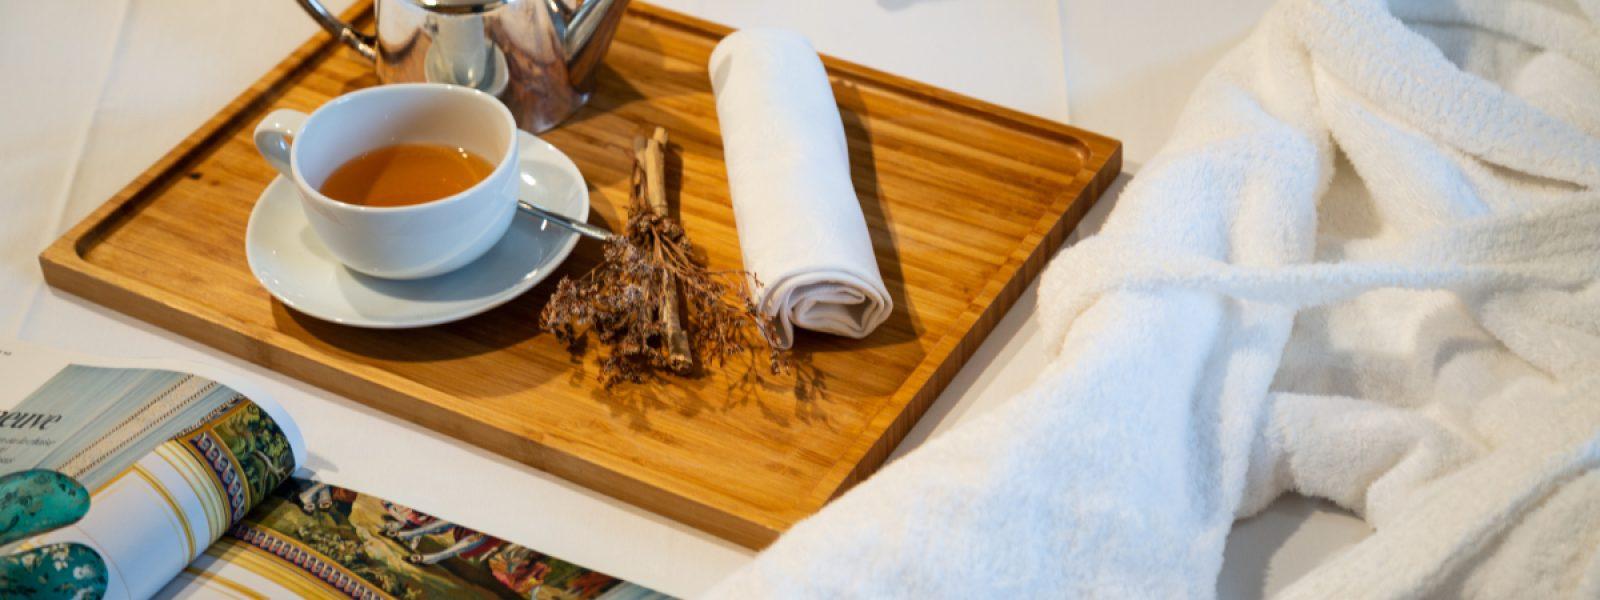 Petit déjeuner Lecoq-Gadby